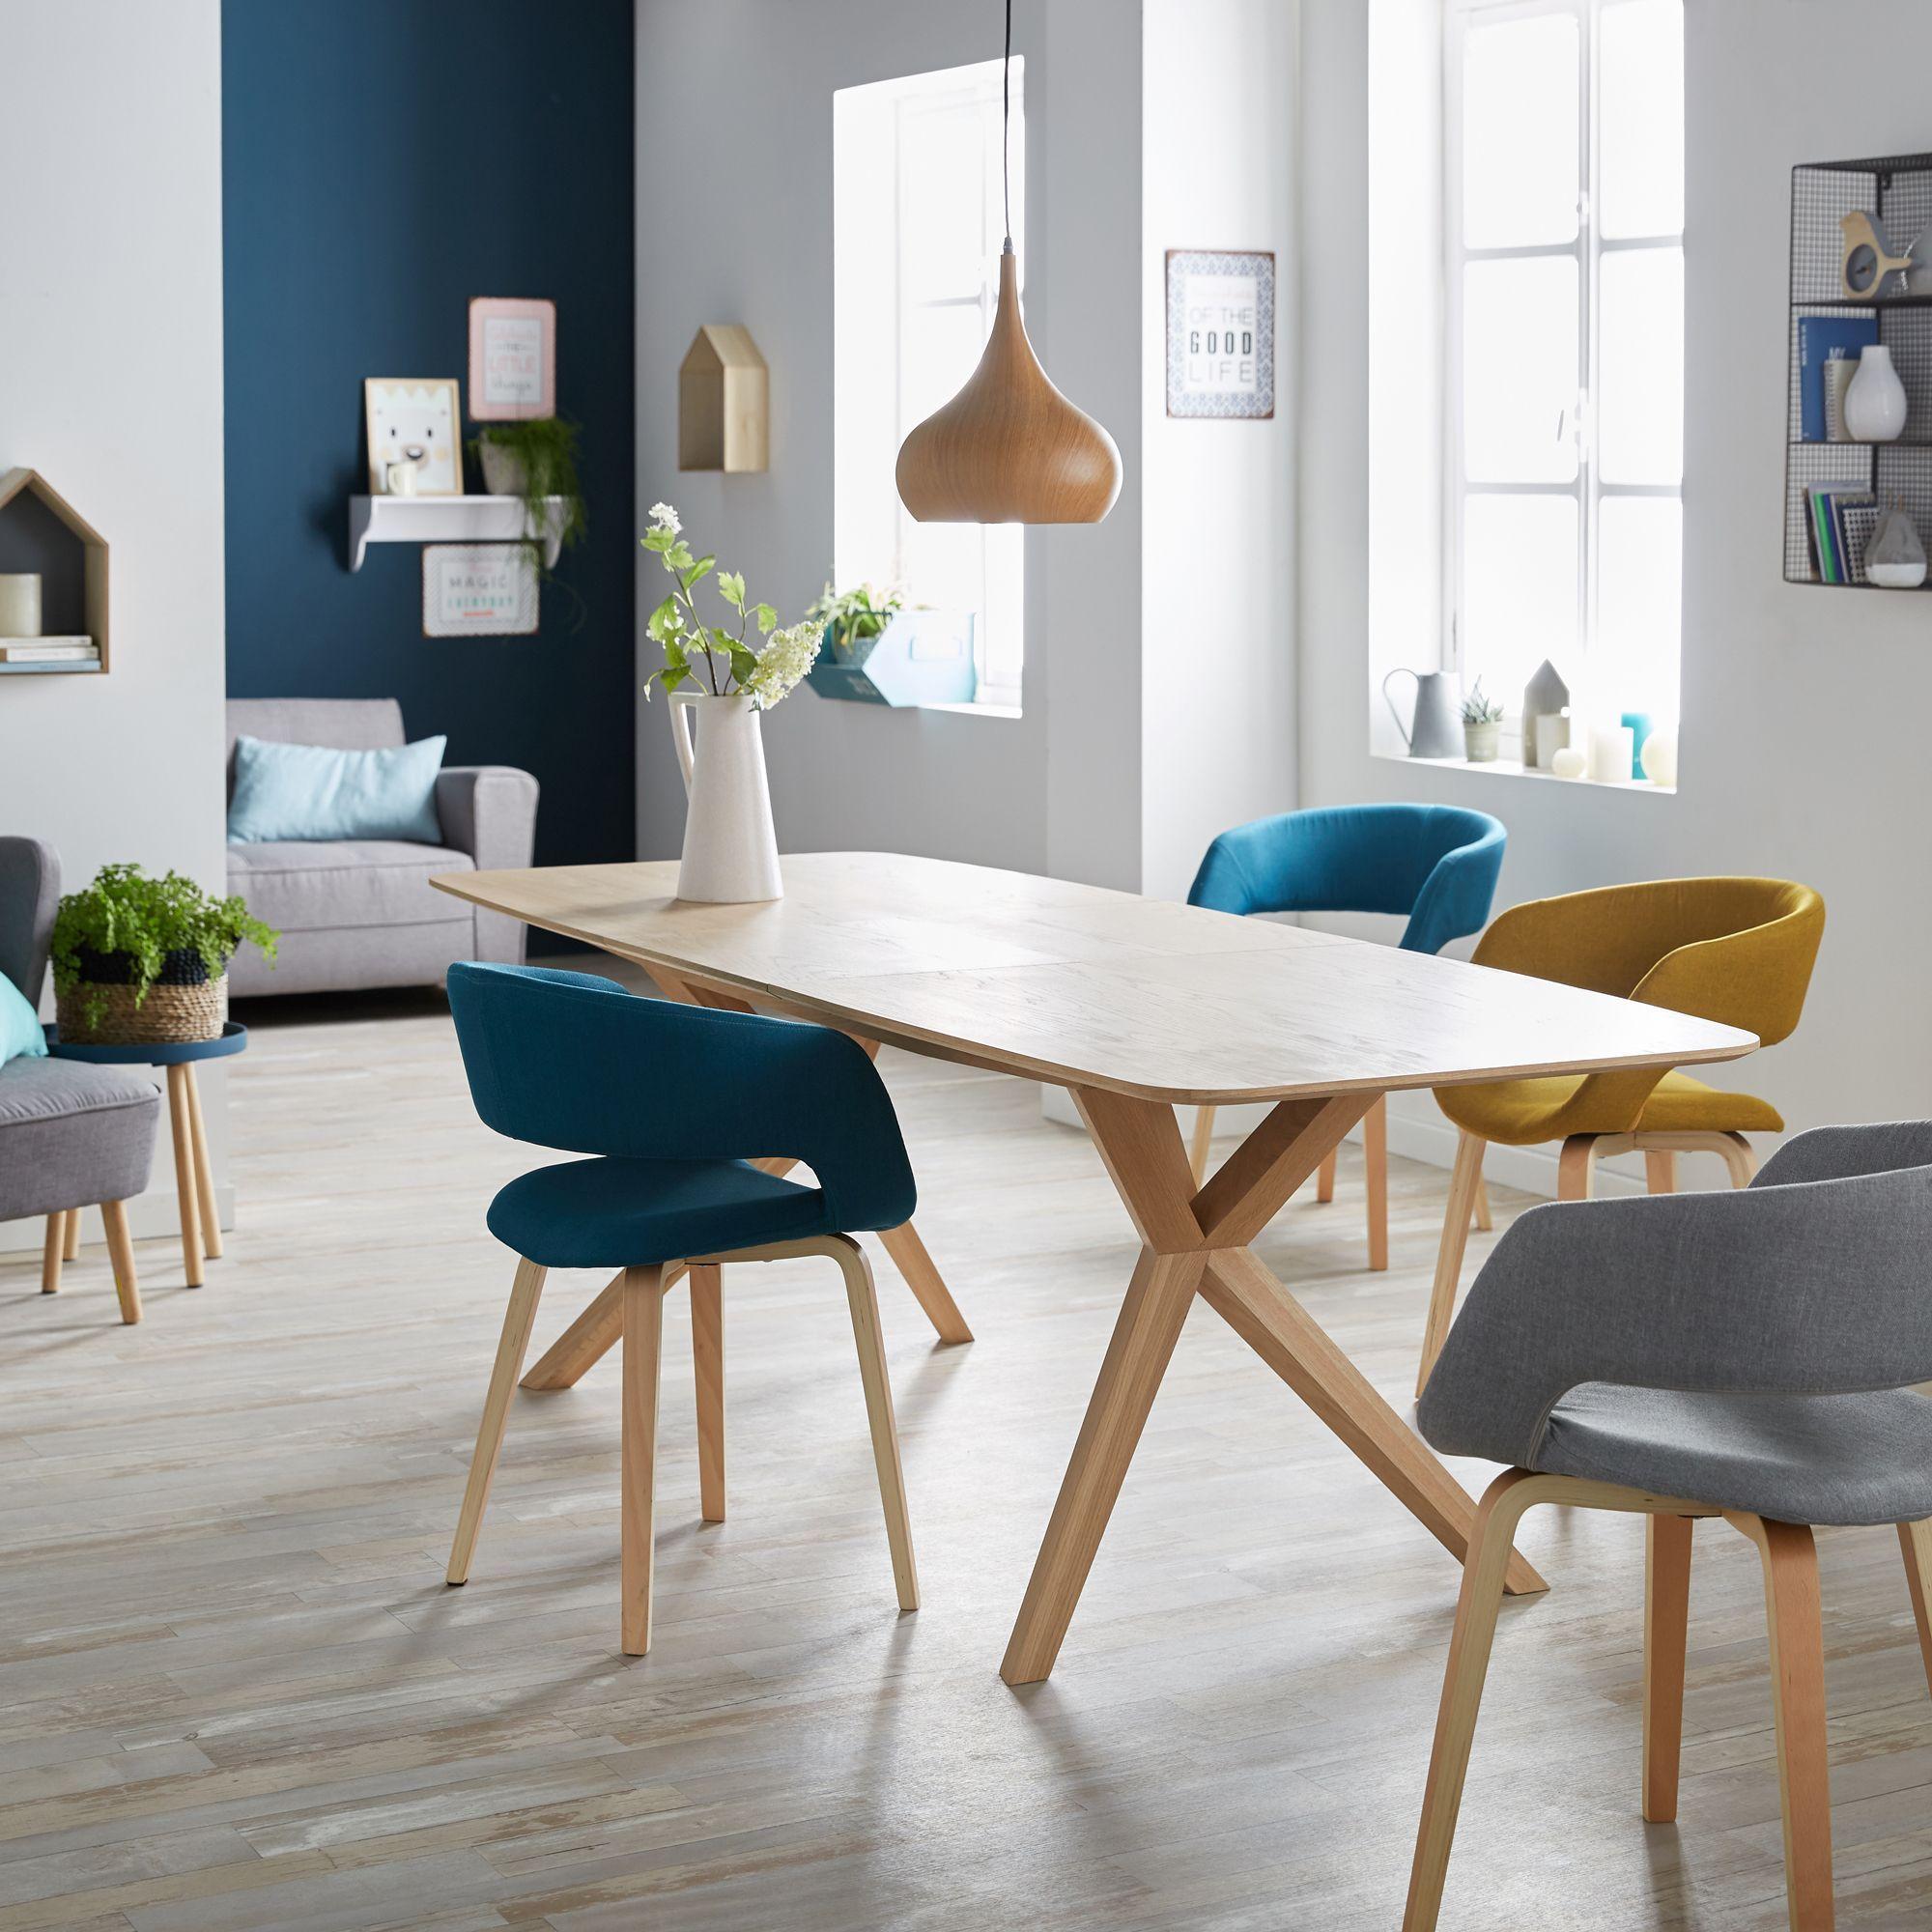 Alinéa Salle À Manger alinea : joyau chaise avec accoudoirs bleu - #alinea